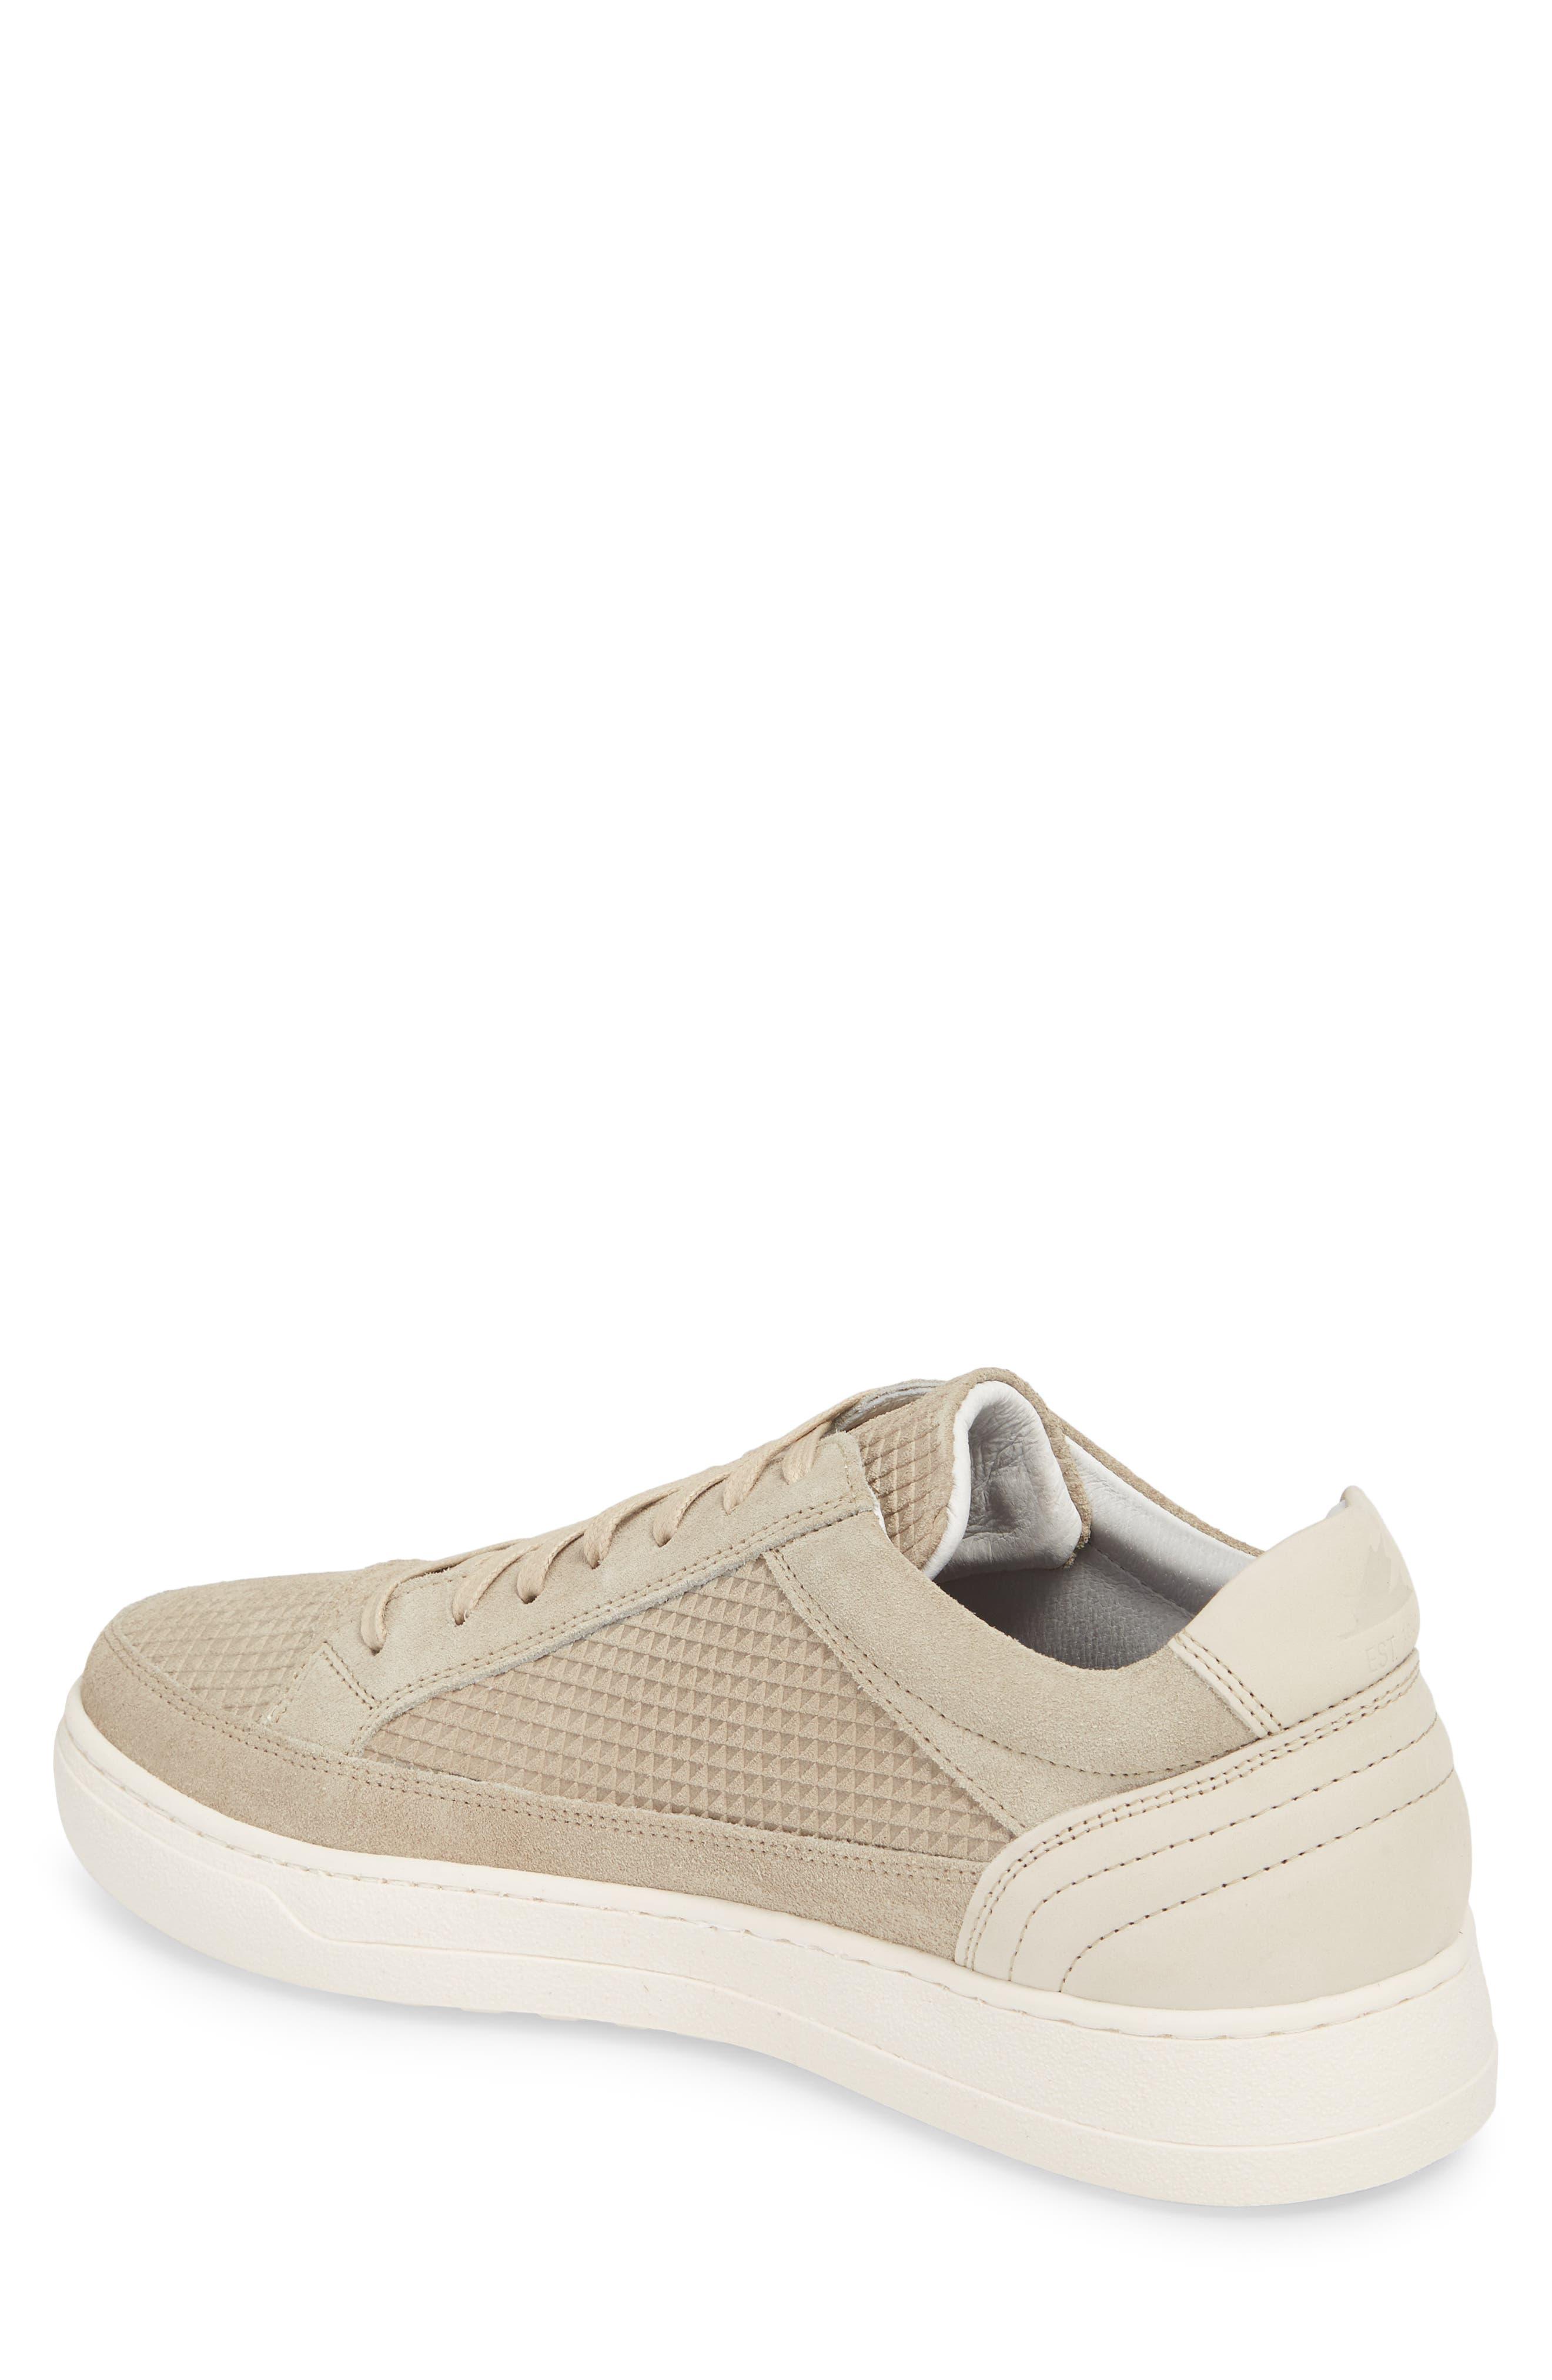 Reid Embossed Water Resistant Sneaker,                             Alternate thumbnail 2, color,                             Sand